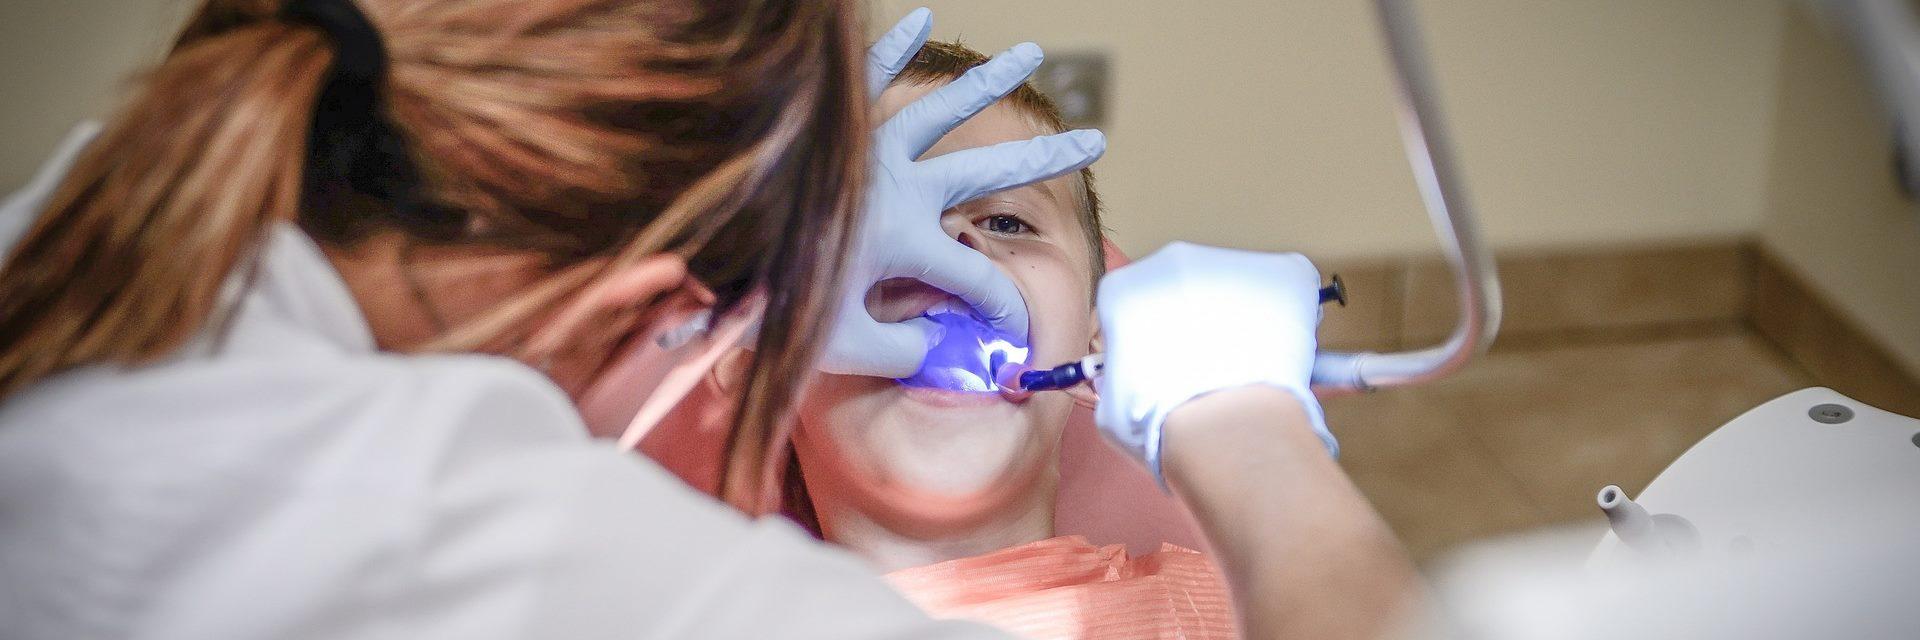 Diş Hekimliği Fakültesi 2021 Taban Puanları ve Başarı Sıralamaları